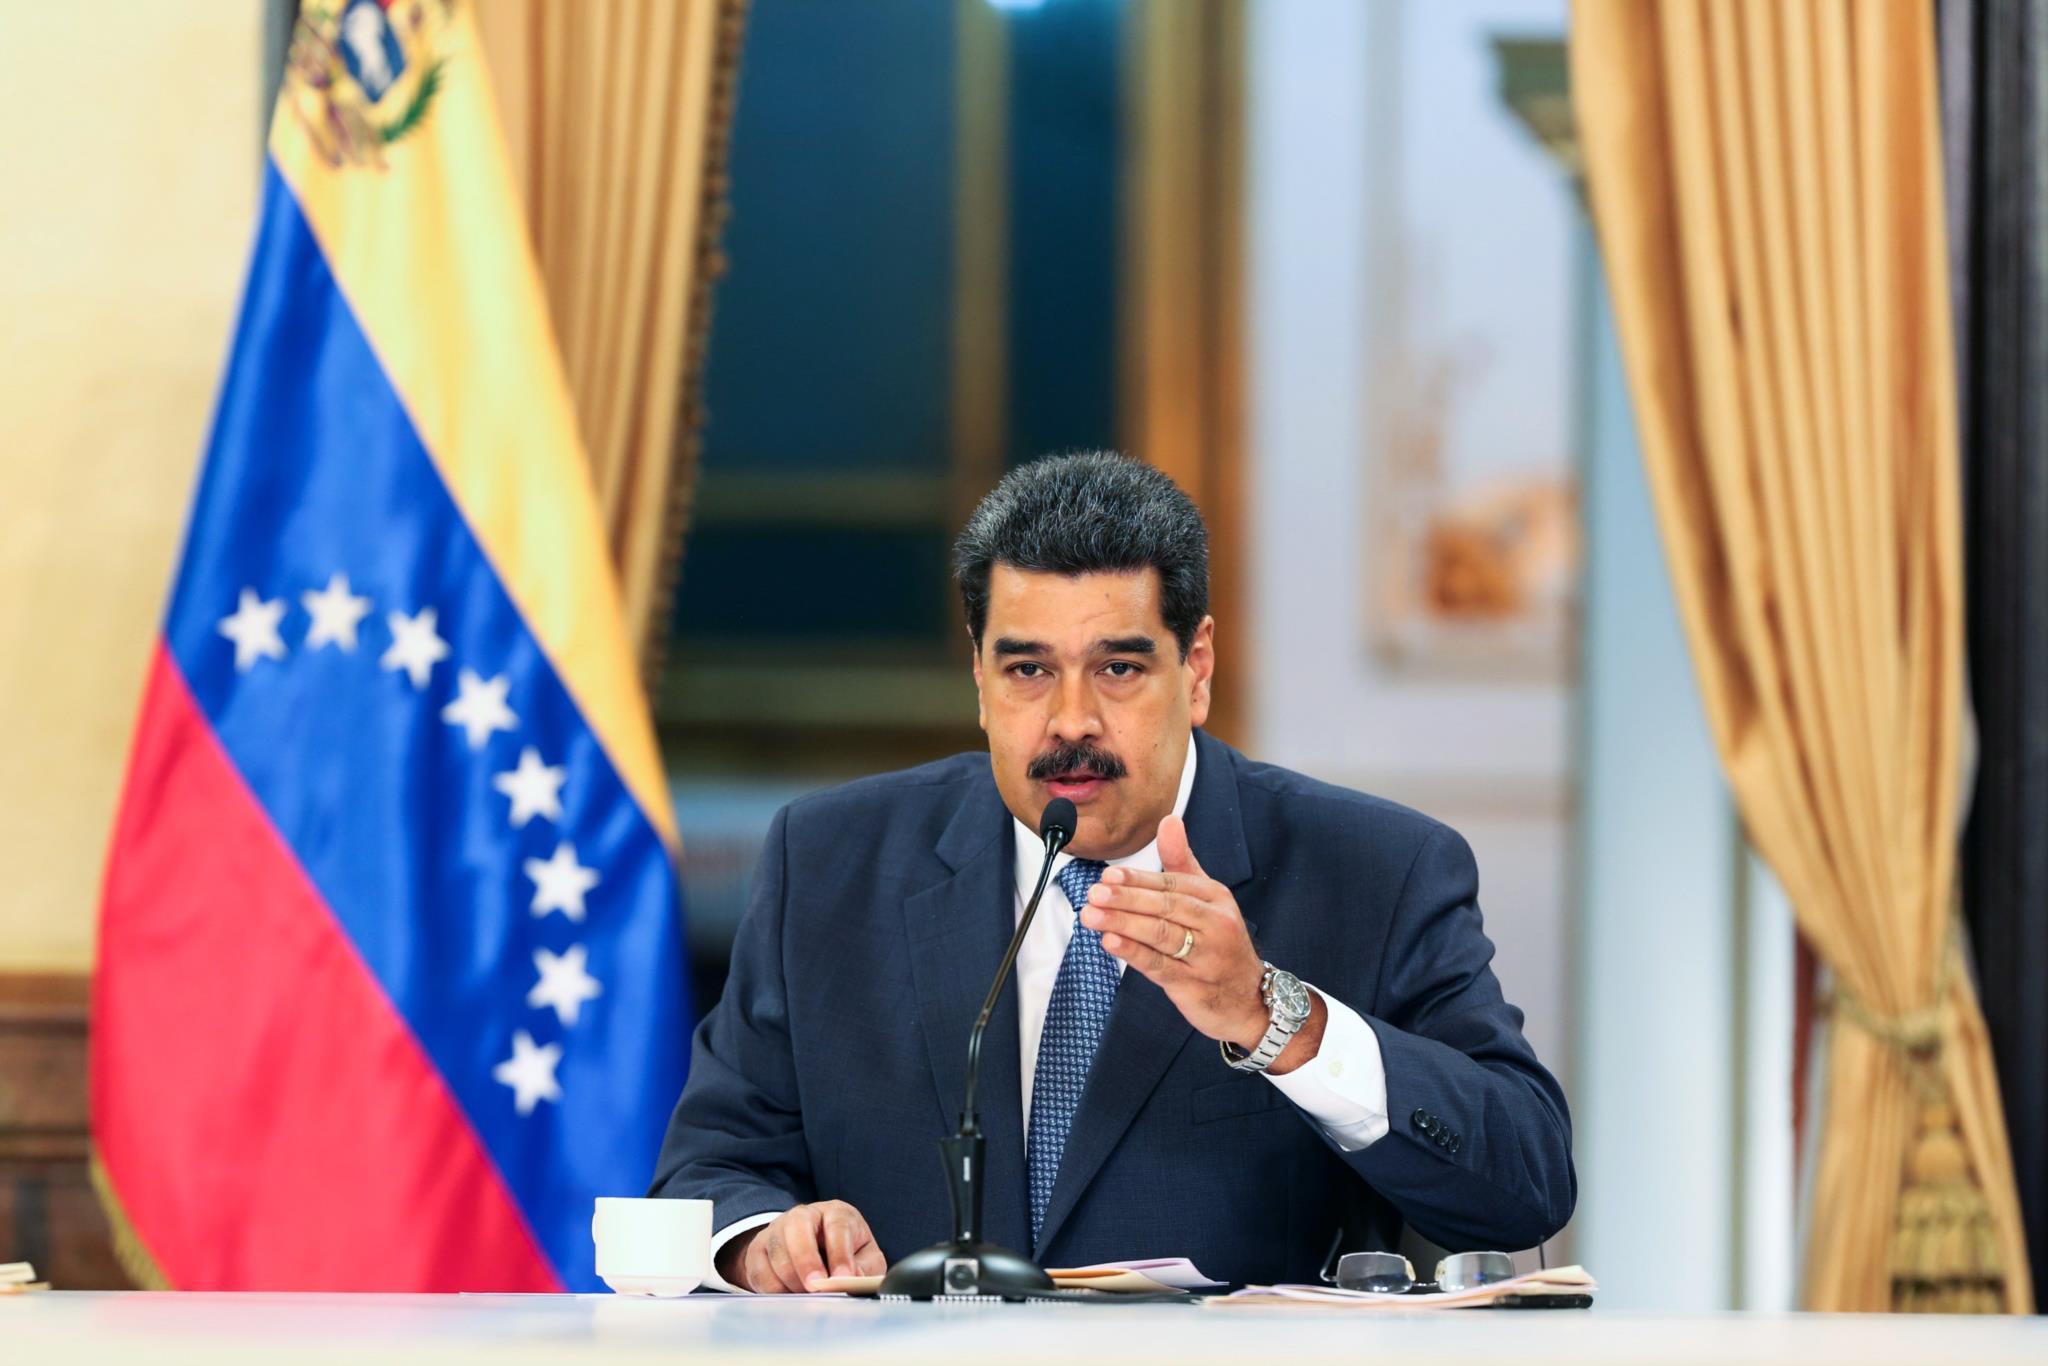 O salário mínimo será aumentado em 150%, anunciou Maduro